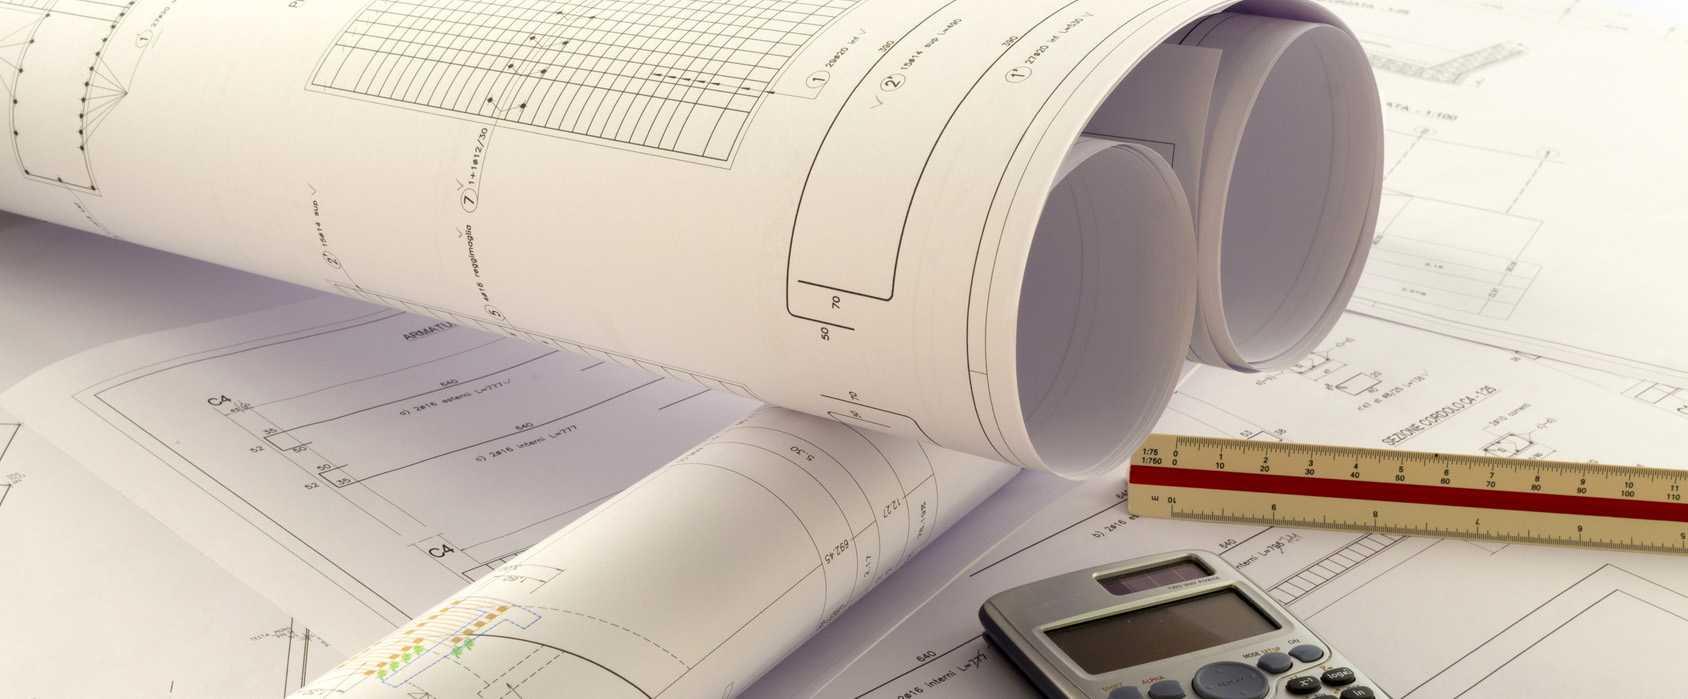 Planung, Entwicklung, Ausführung von Teilen nach Kundenzeichnungen und Spezifikationen Herstellung